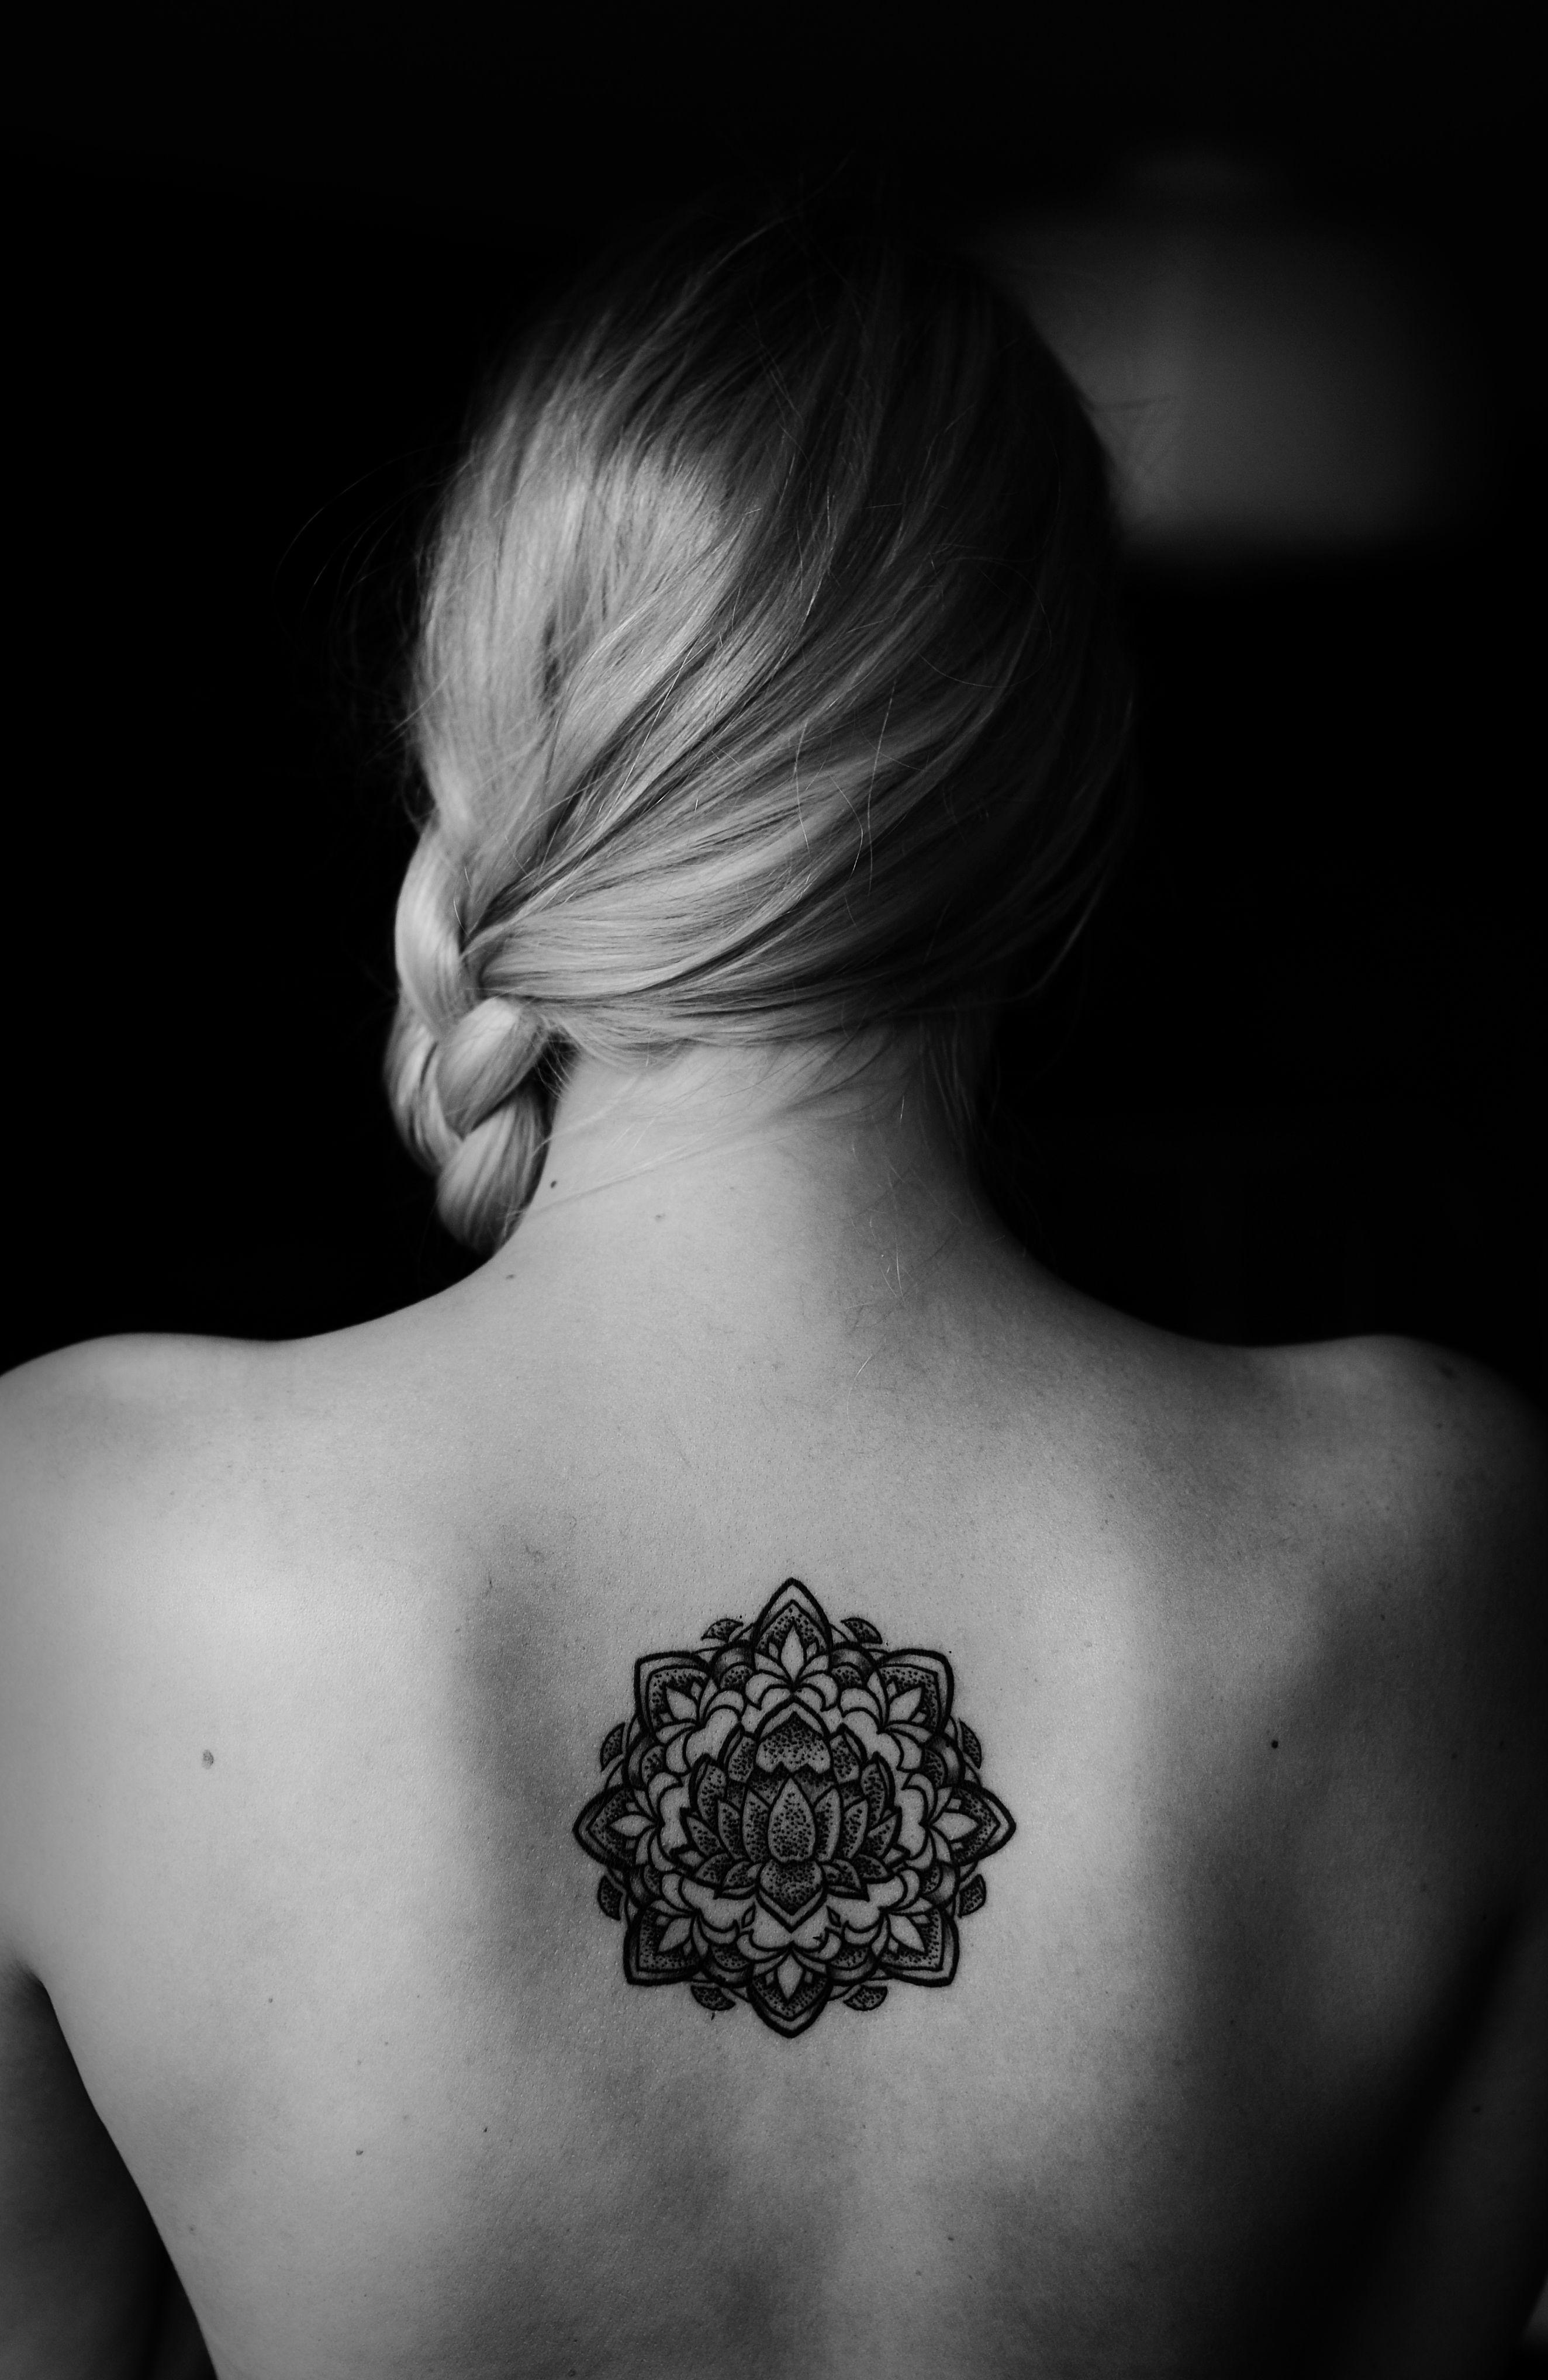 My Lotus Flower Tattoo Tattoo Pinterest Flower Tattoos Lotus